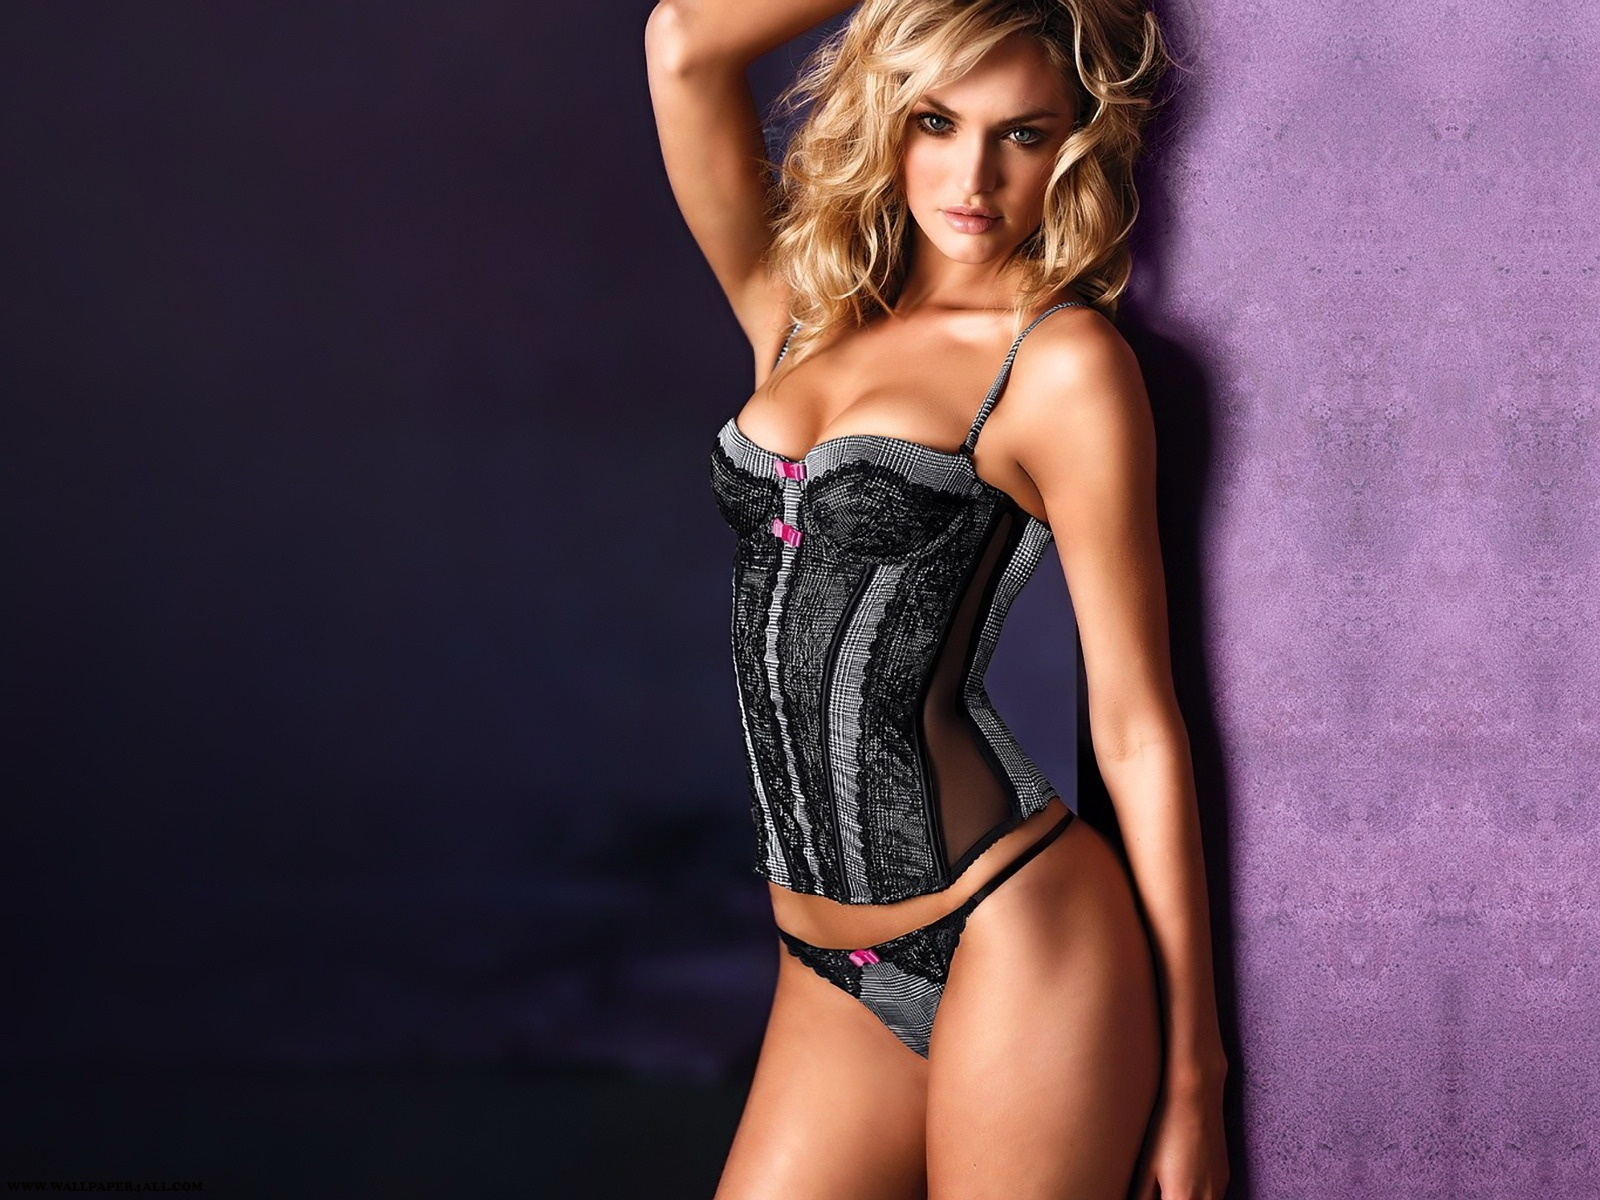 http://1.bp.blogspot.com/-jsAxxBhzU-U/TZdA3YO7UbI/AAAAAAAAAEw/tw4ICf-TLhI/s1600/best-top-girls-hot-babes-wallpaper-sexy-babes-wallpapers-hd-17.jpg